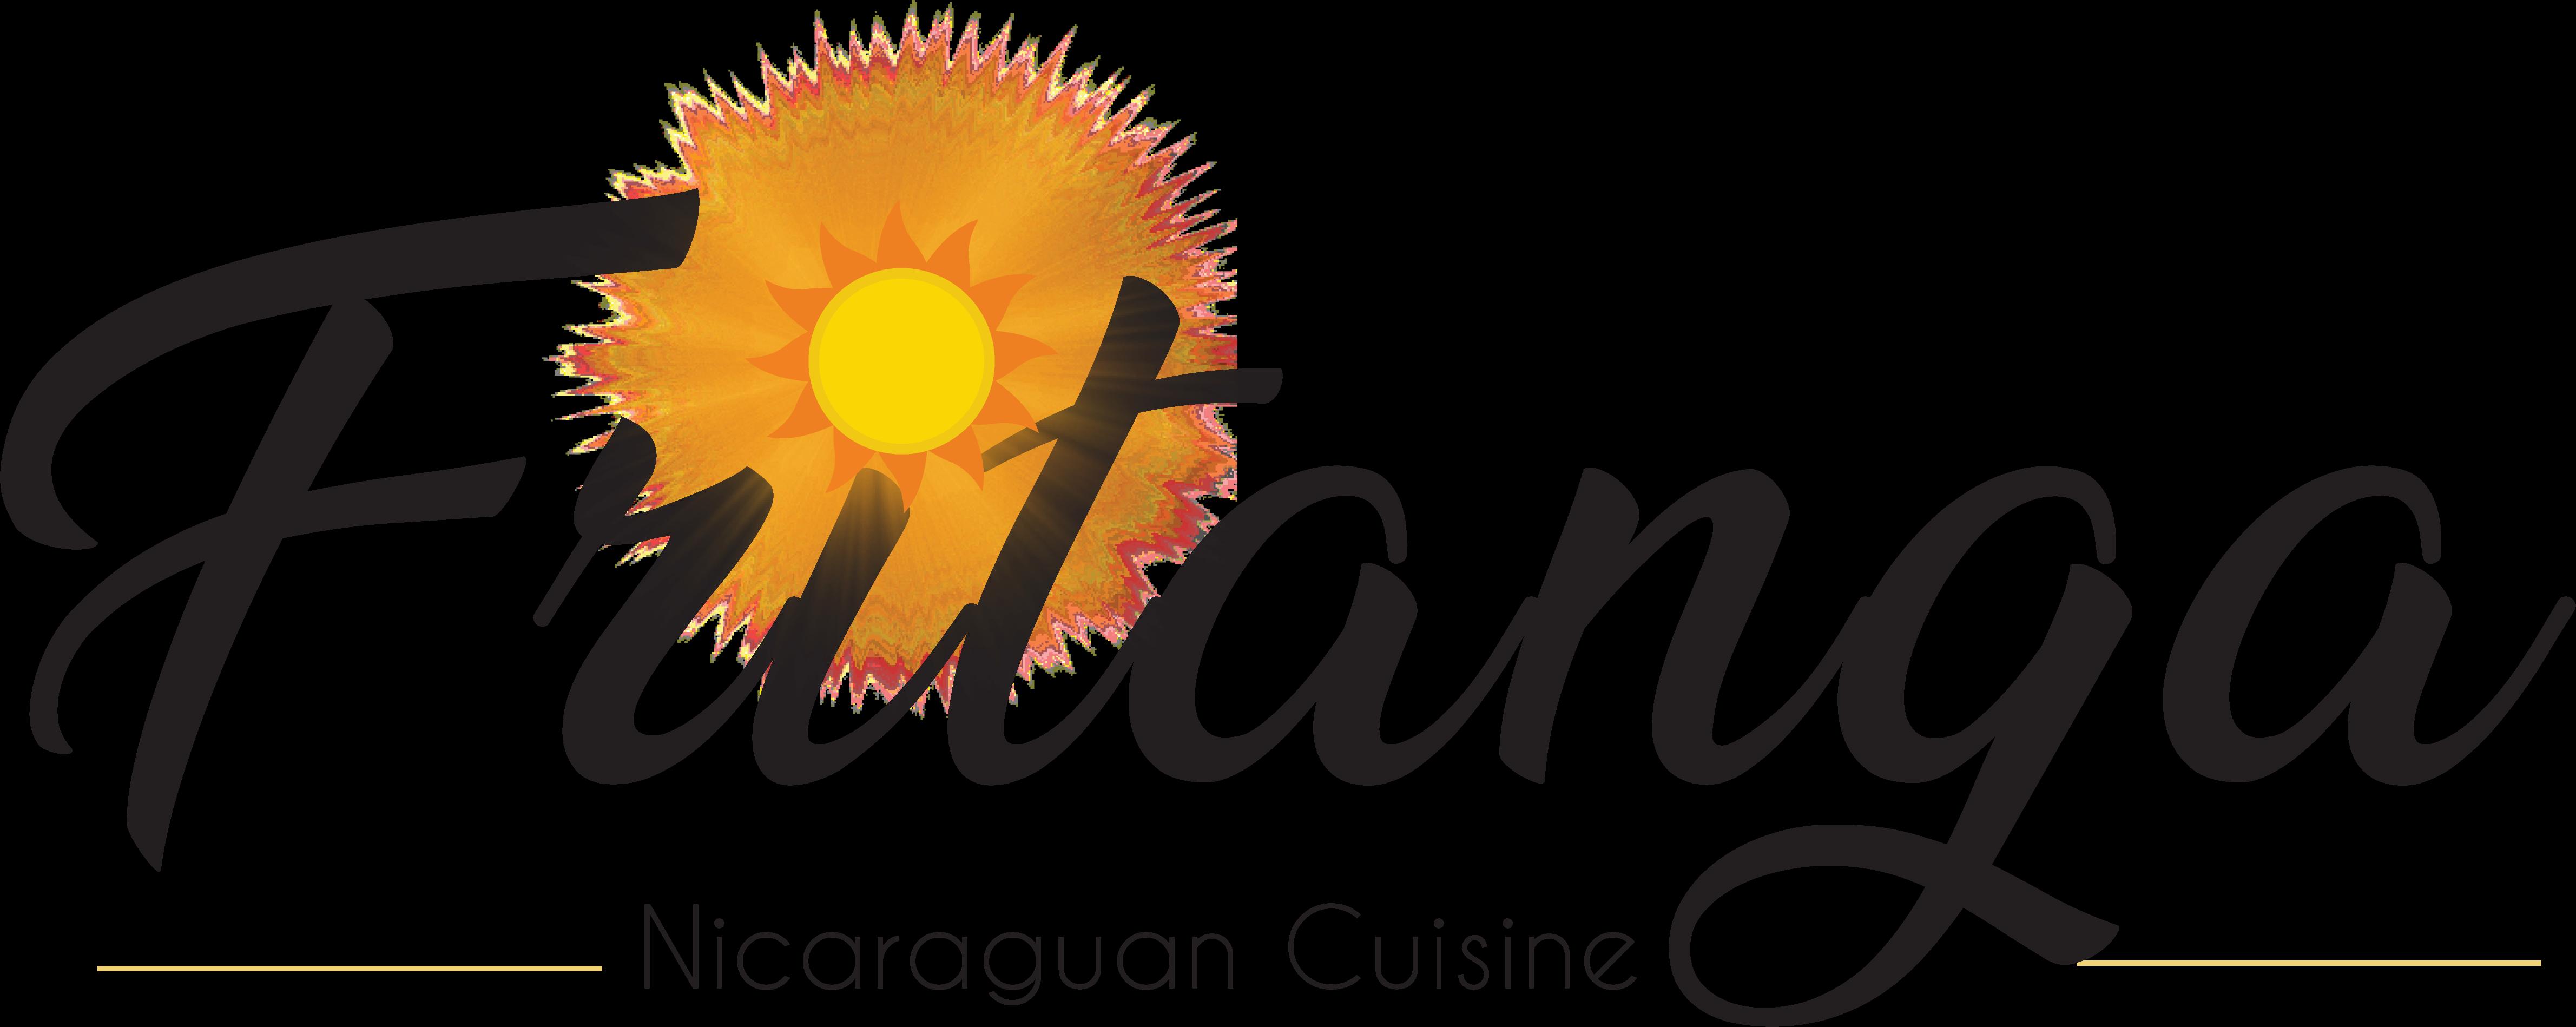 Nicaraguan Cuisine | St. Louis Mo | Latin Food